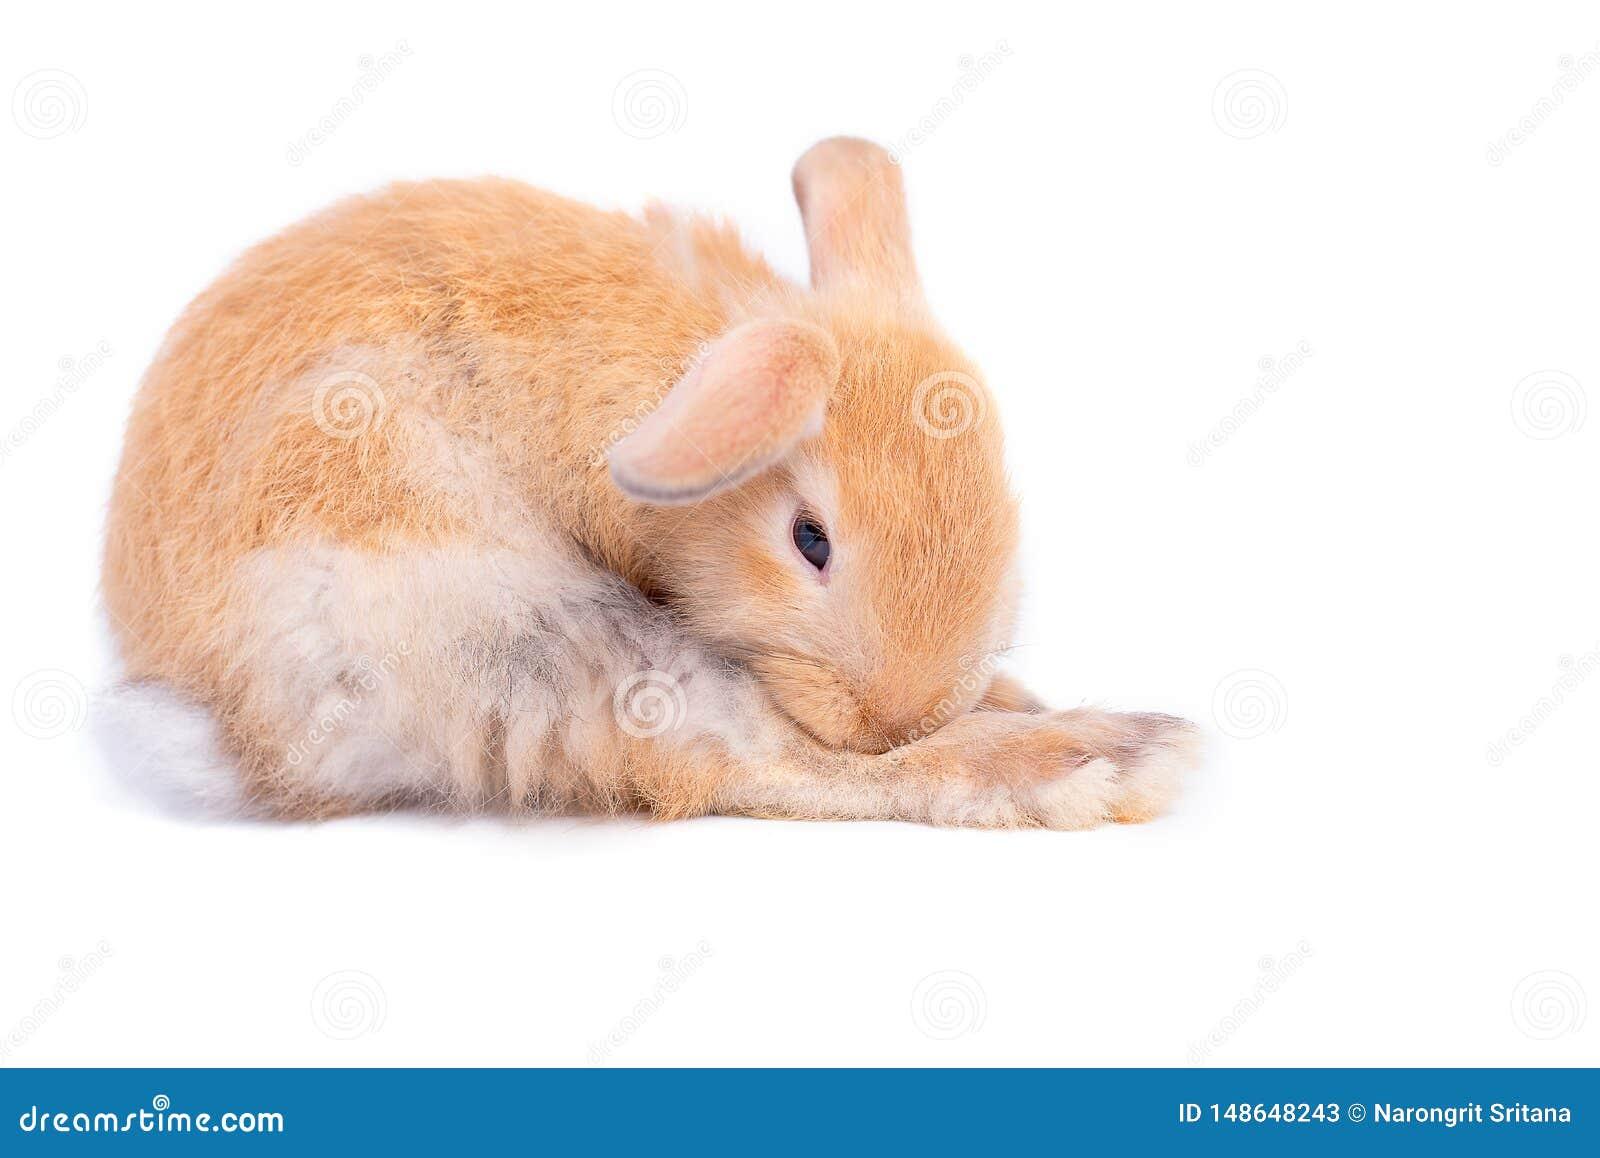 Изолированный маленький коричневый прелестный зайчик кролика на белой предпосылке с некоторыми действиями